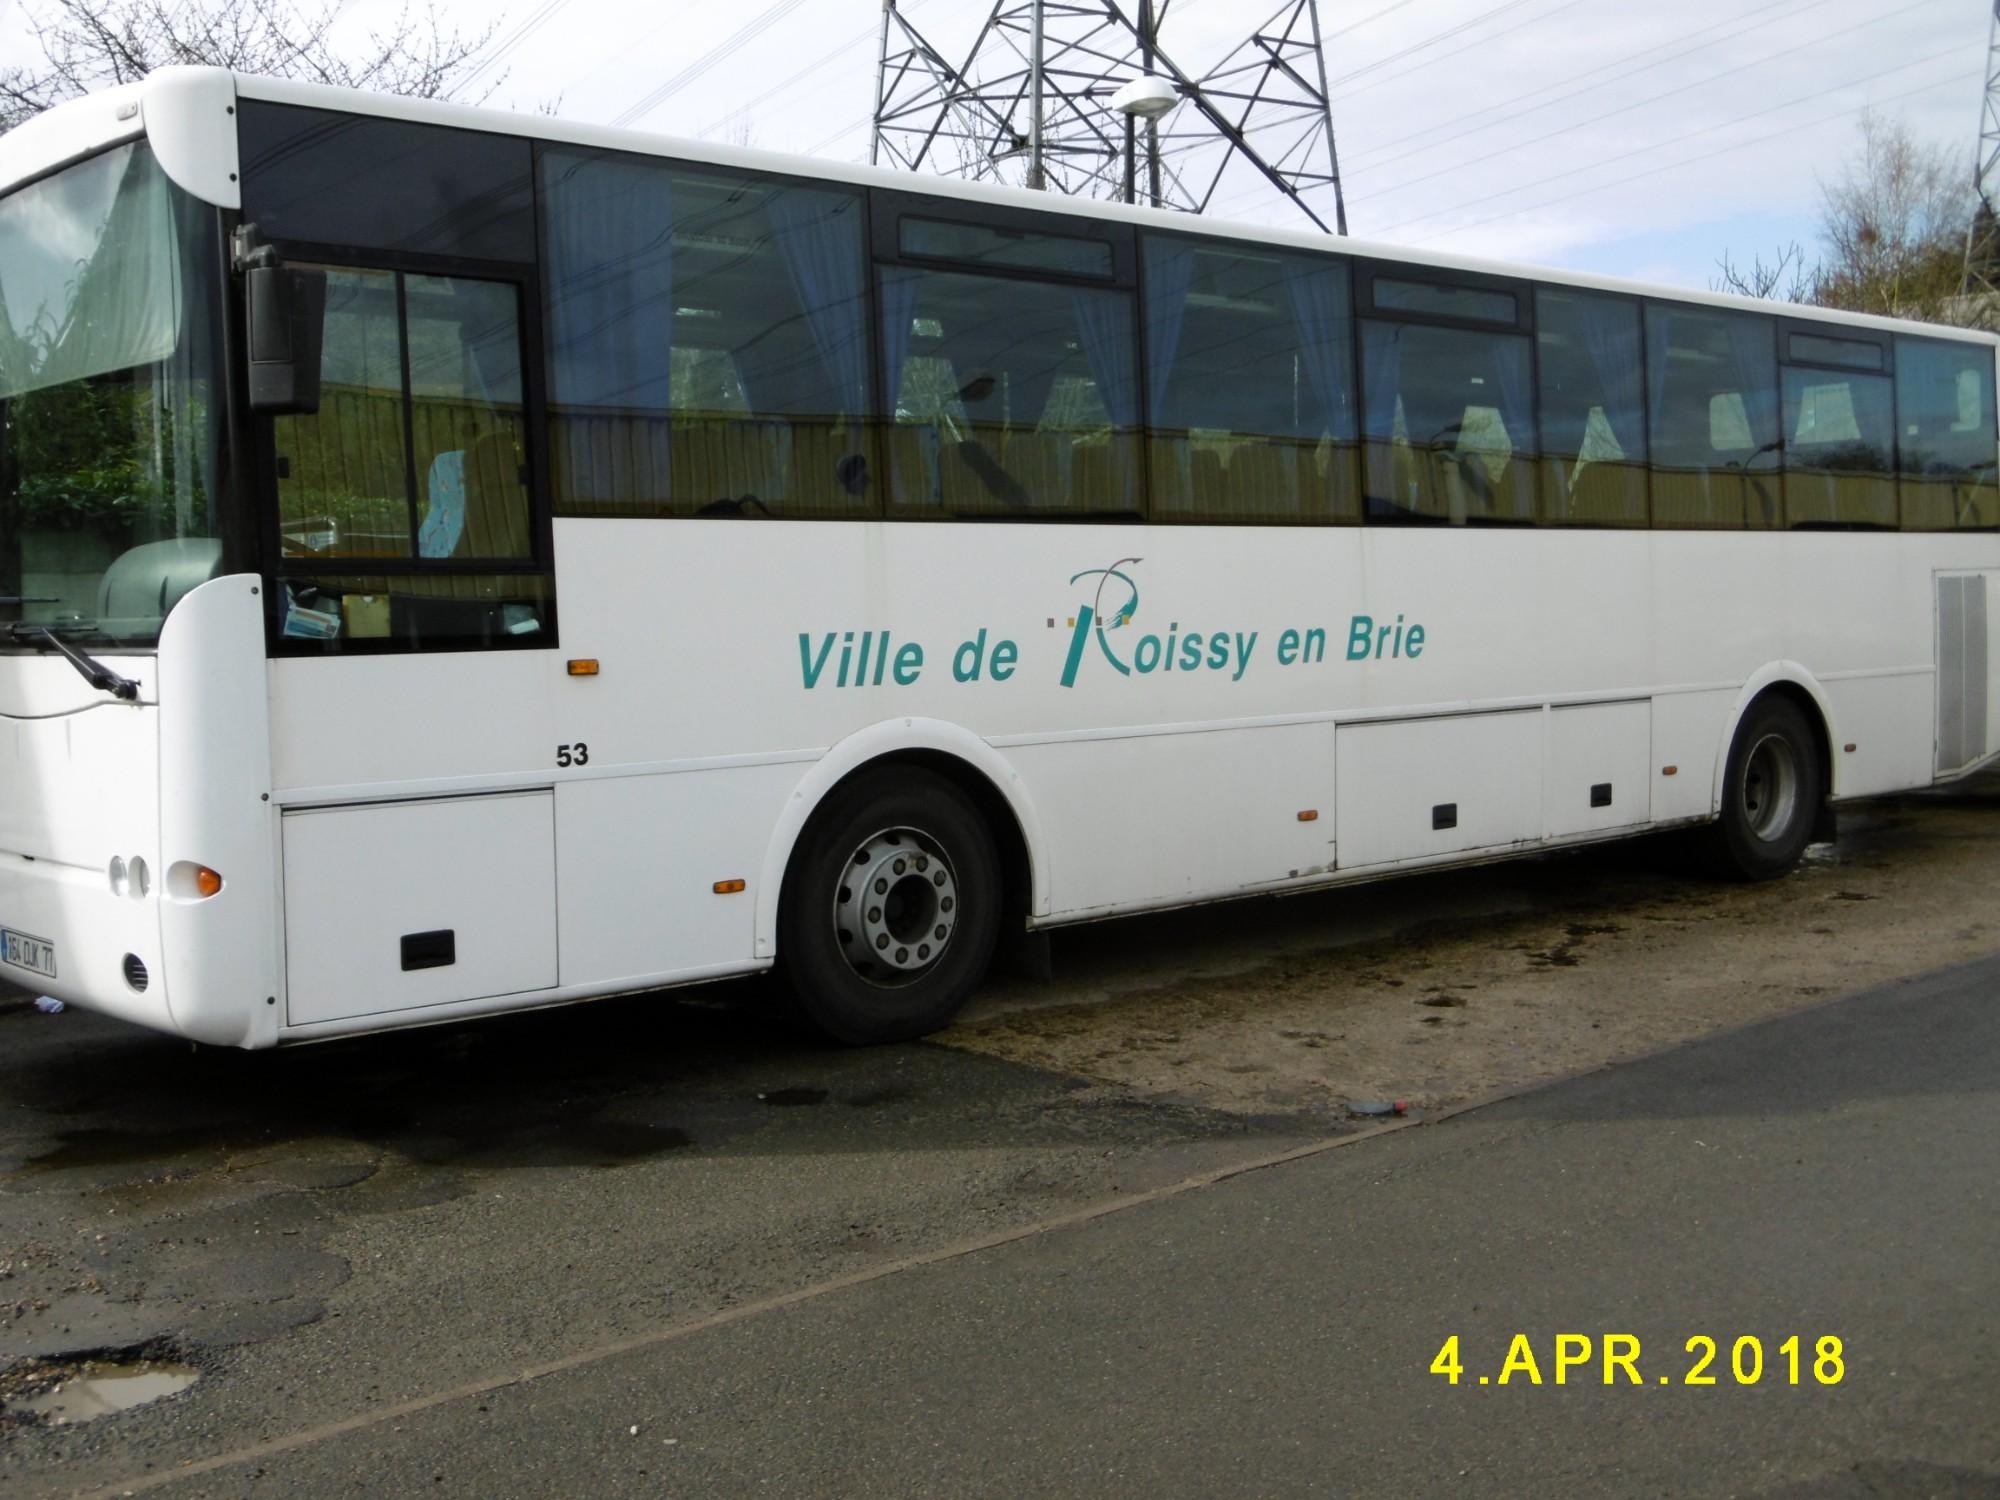 autocar car bus d 39 occasion aux ench res agorastore. Black Bedroom Furniture Sets. Home Design Ideas